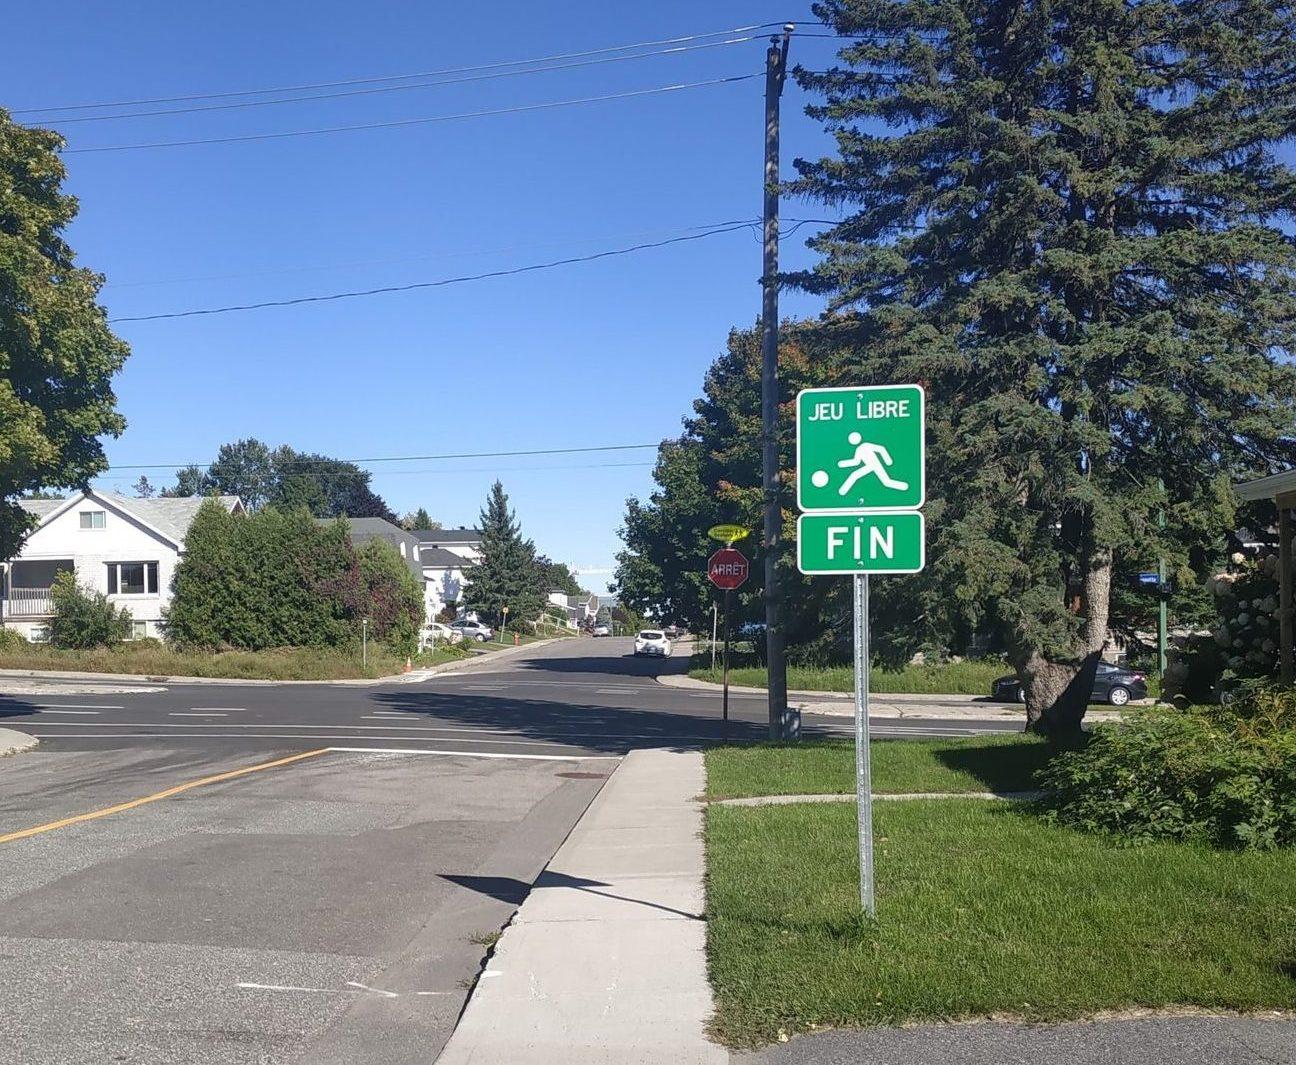 Panneau de signalisation indiquant la fin du jeu dans la rue.